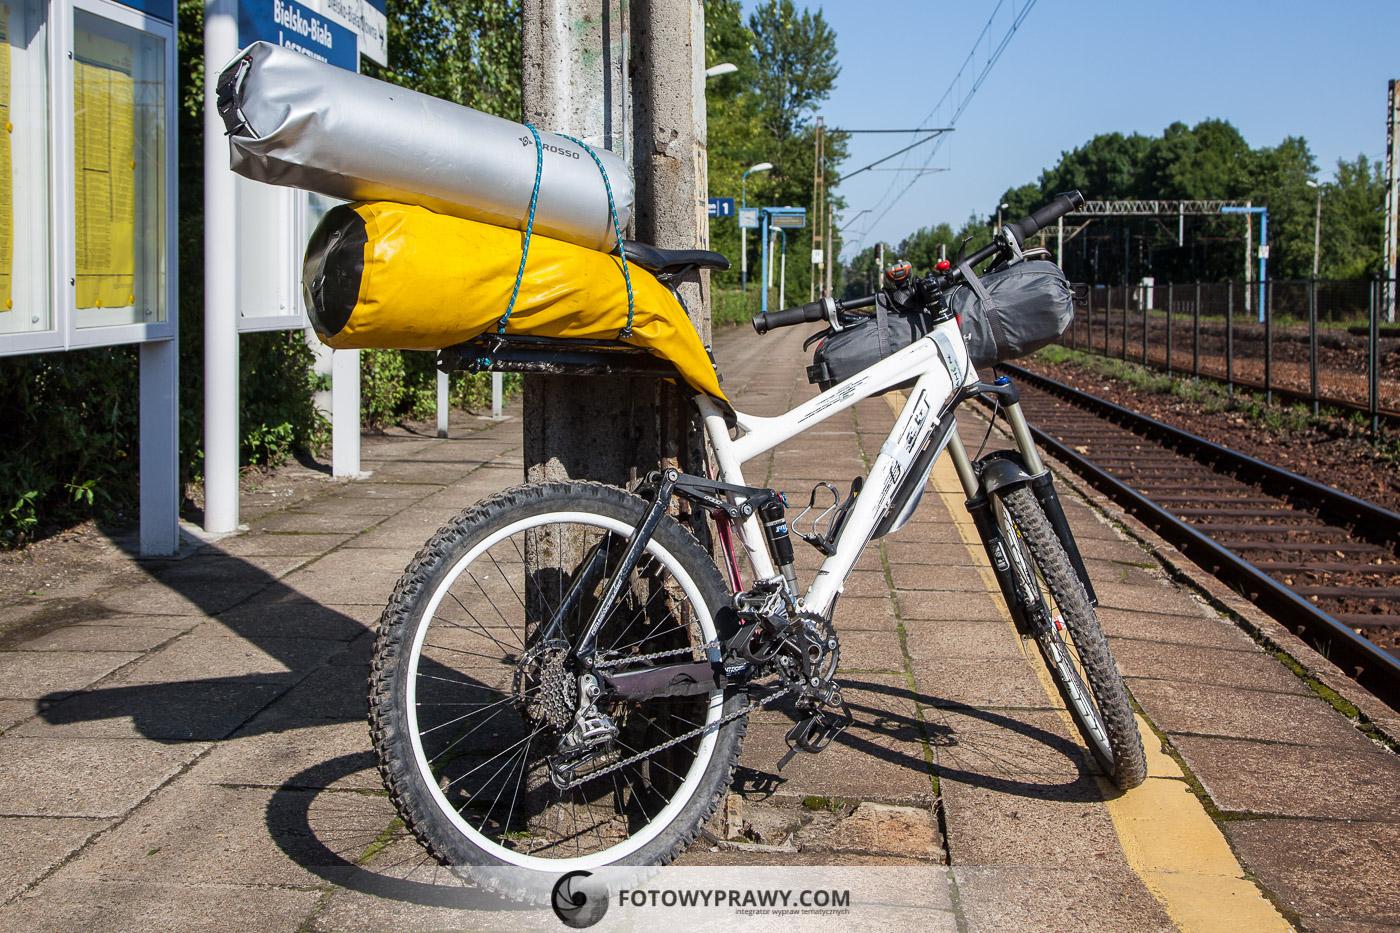 Worki transportowe Crosso | Fotowyprawy.com